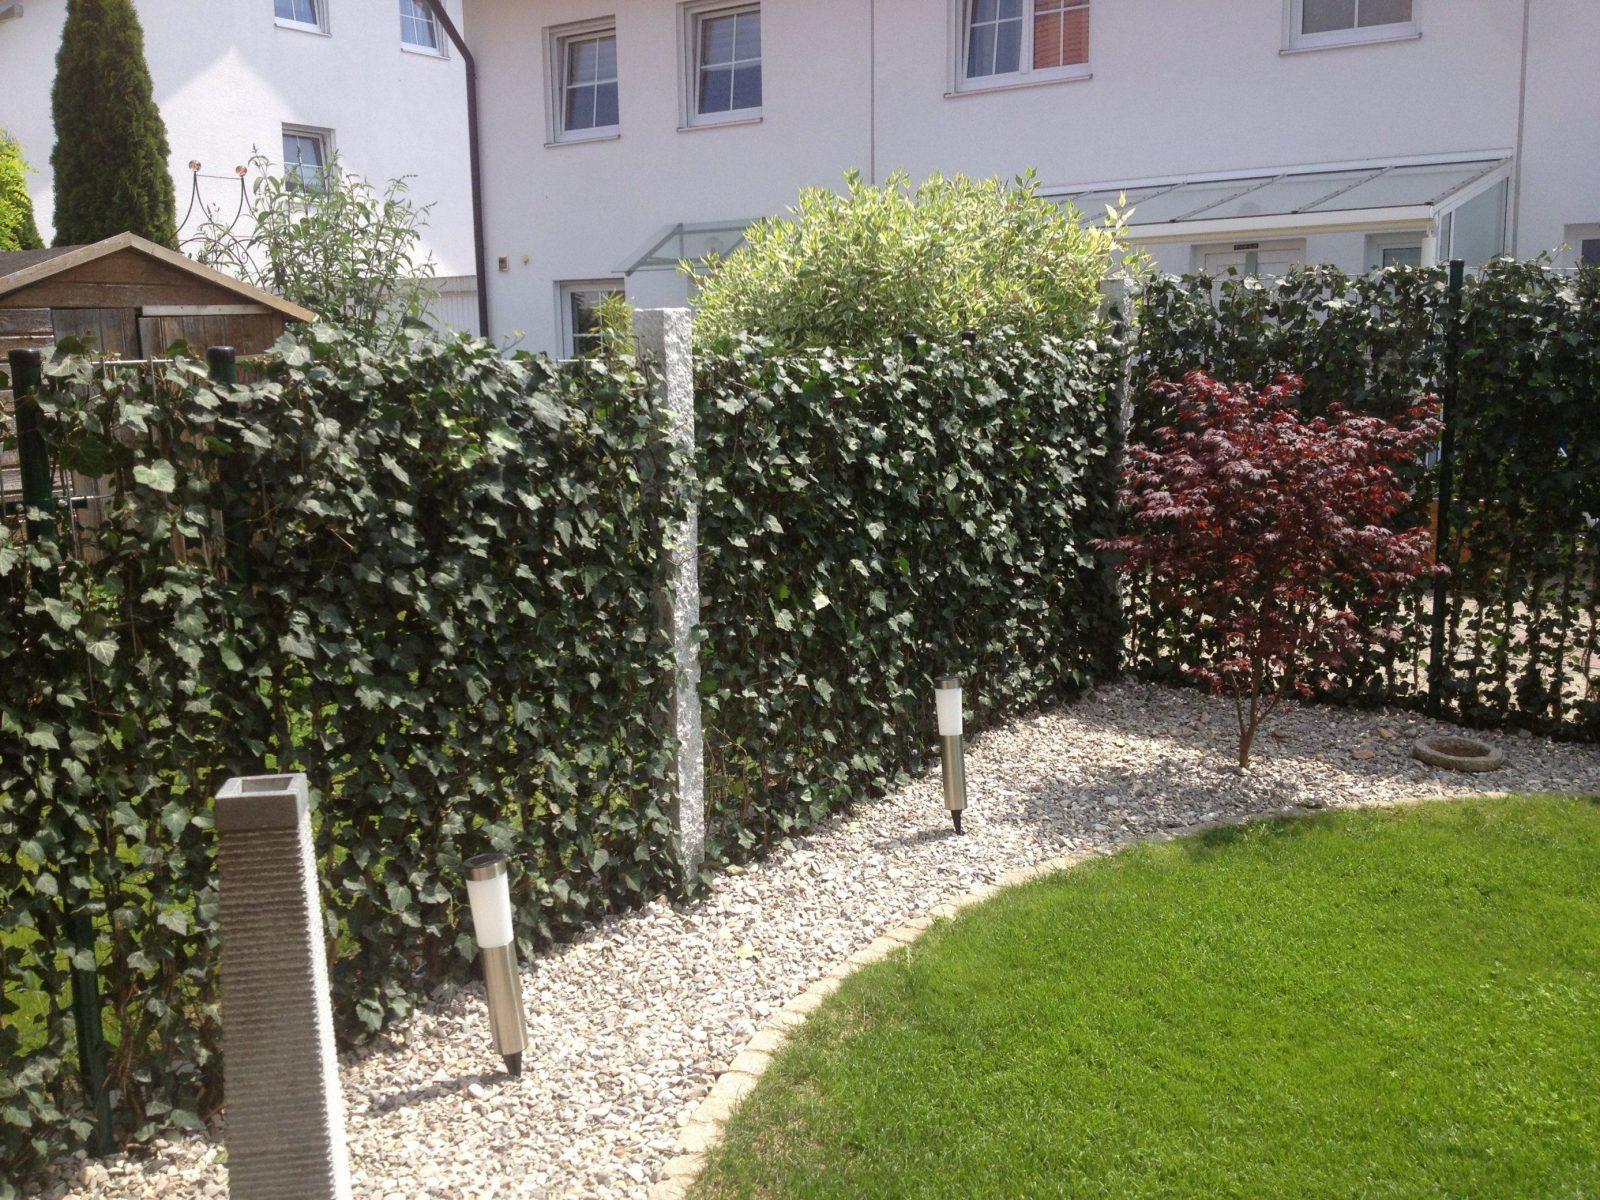 Baustelle Von Garten Bronder Hecke Am Laufenden Meter®  Mobilane von Hecke Am Laufenden Meter Günstig Bild